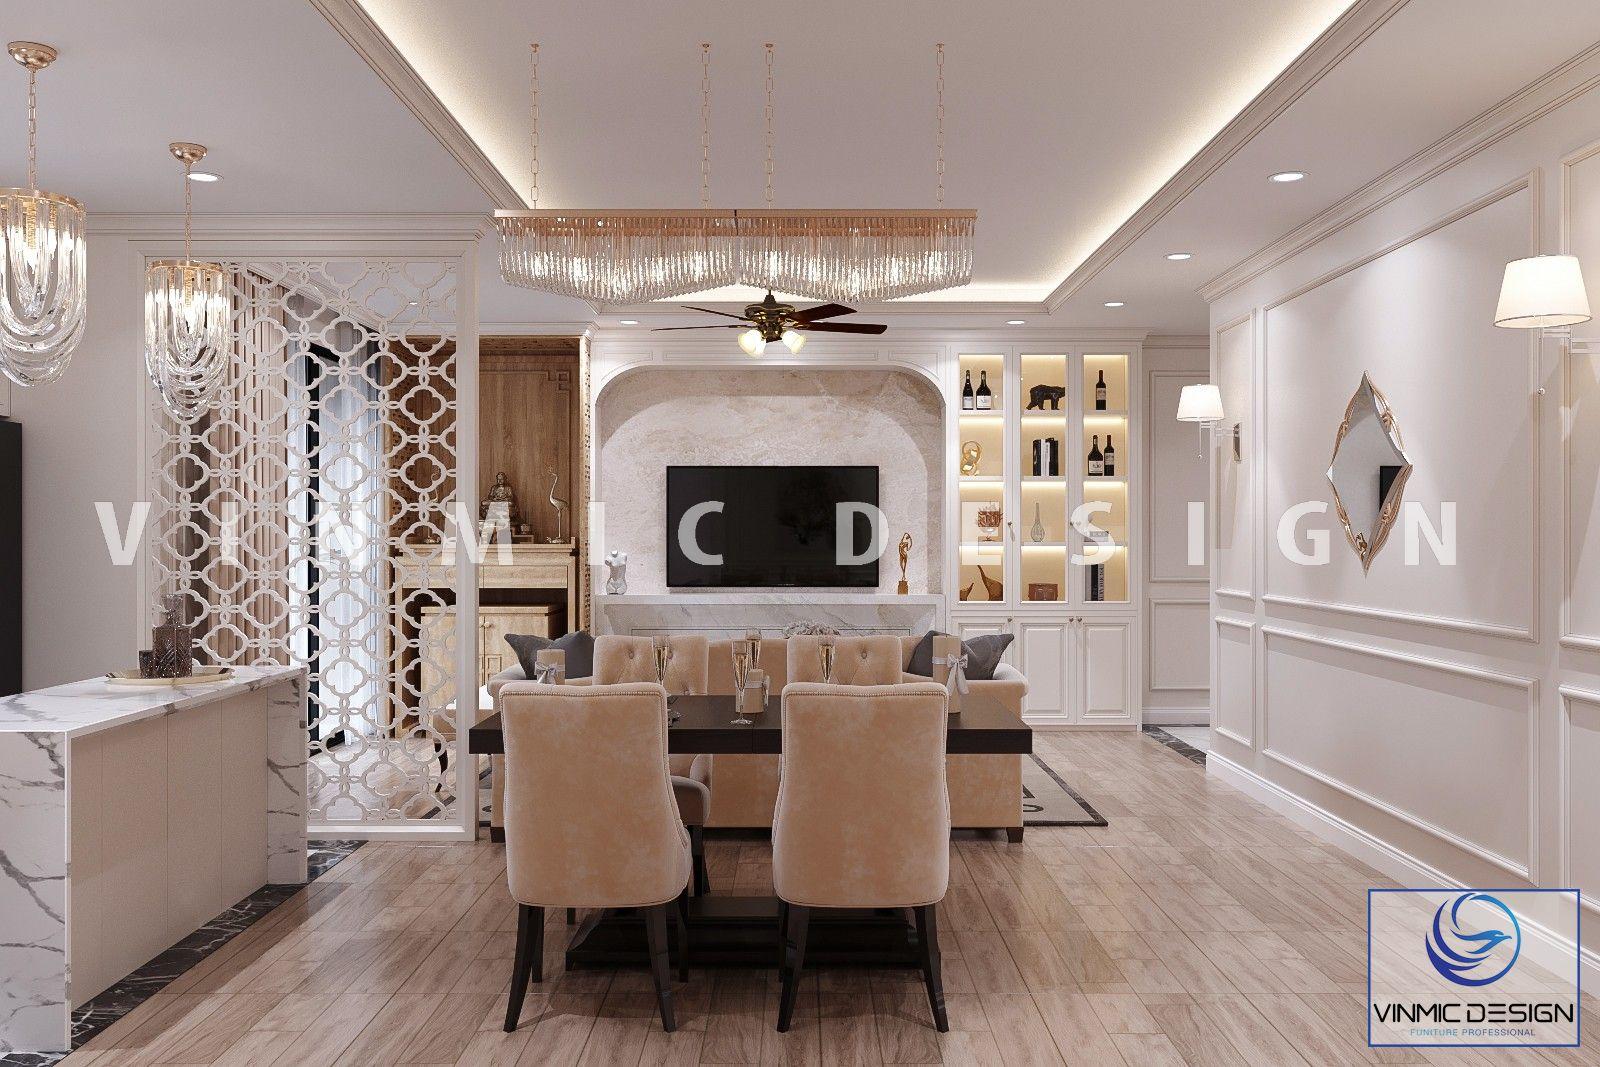 Thiết kế nội thất không gian phòng ăn ấn tượng tại chung cư Imperia Sky Garden